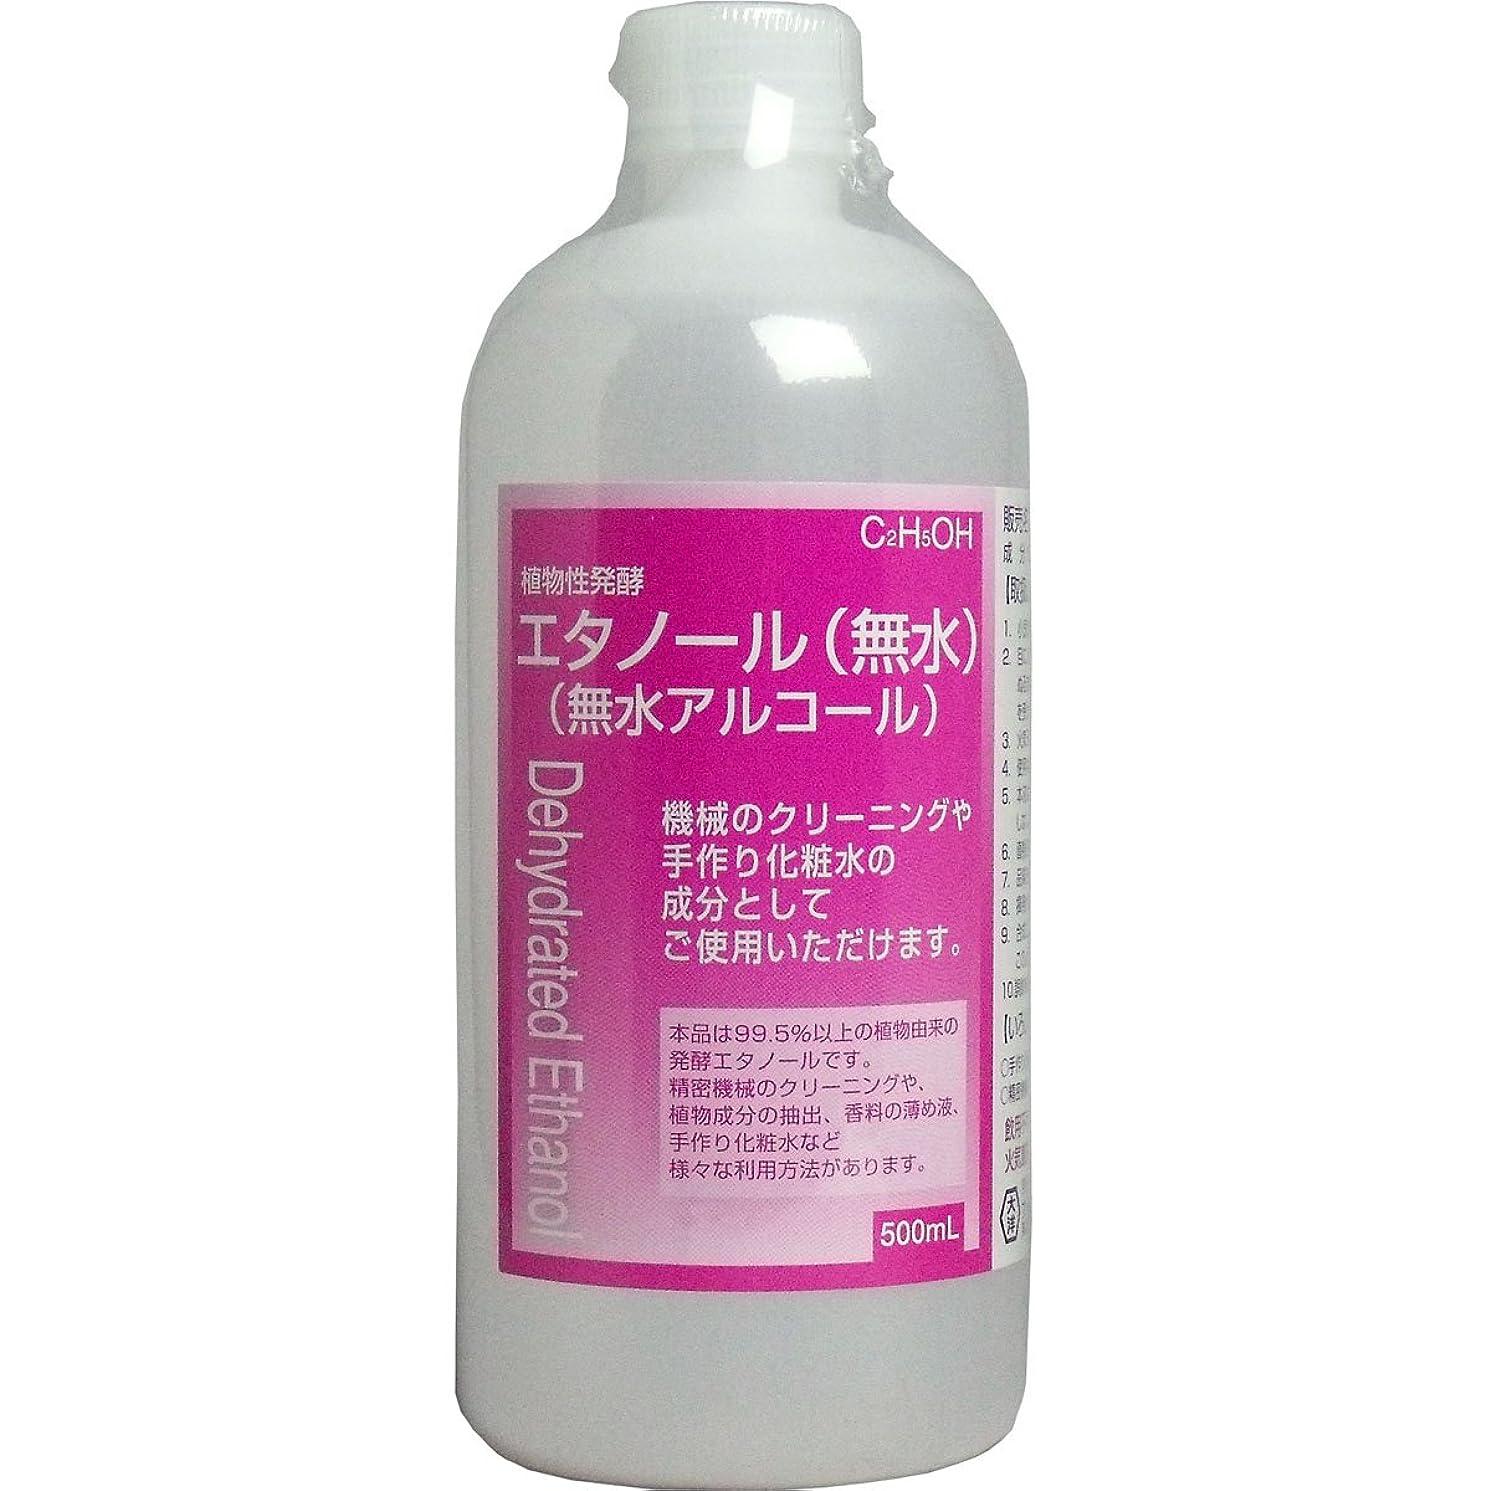 多数の借りる黙認する精密機械のクリーニングに 植物性発酵エタノール(無水エタノール) 500mL 4本セット